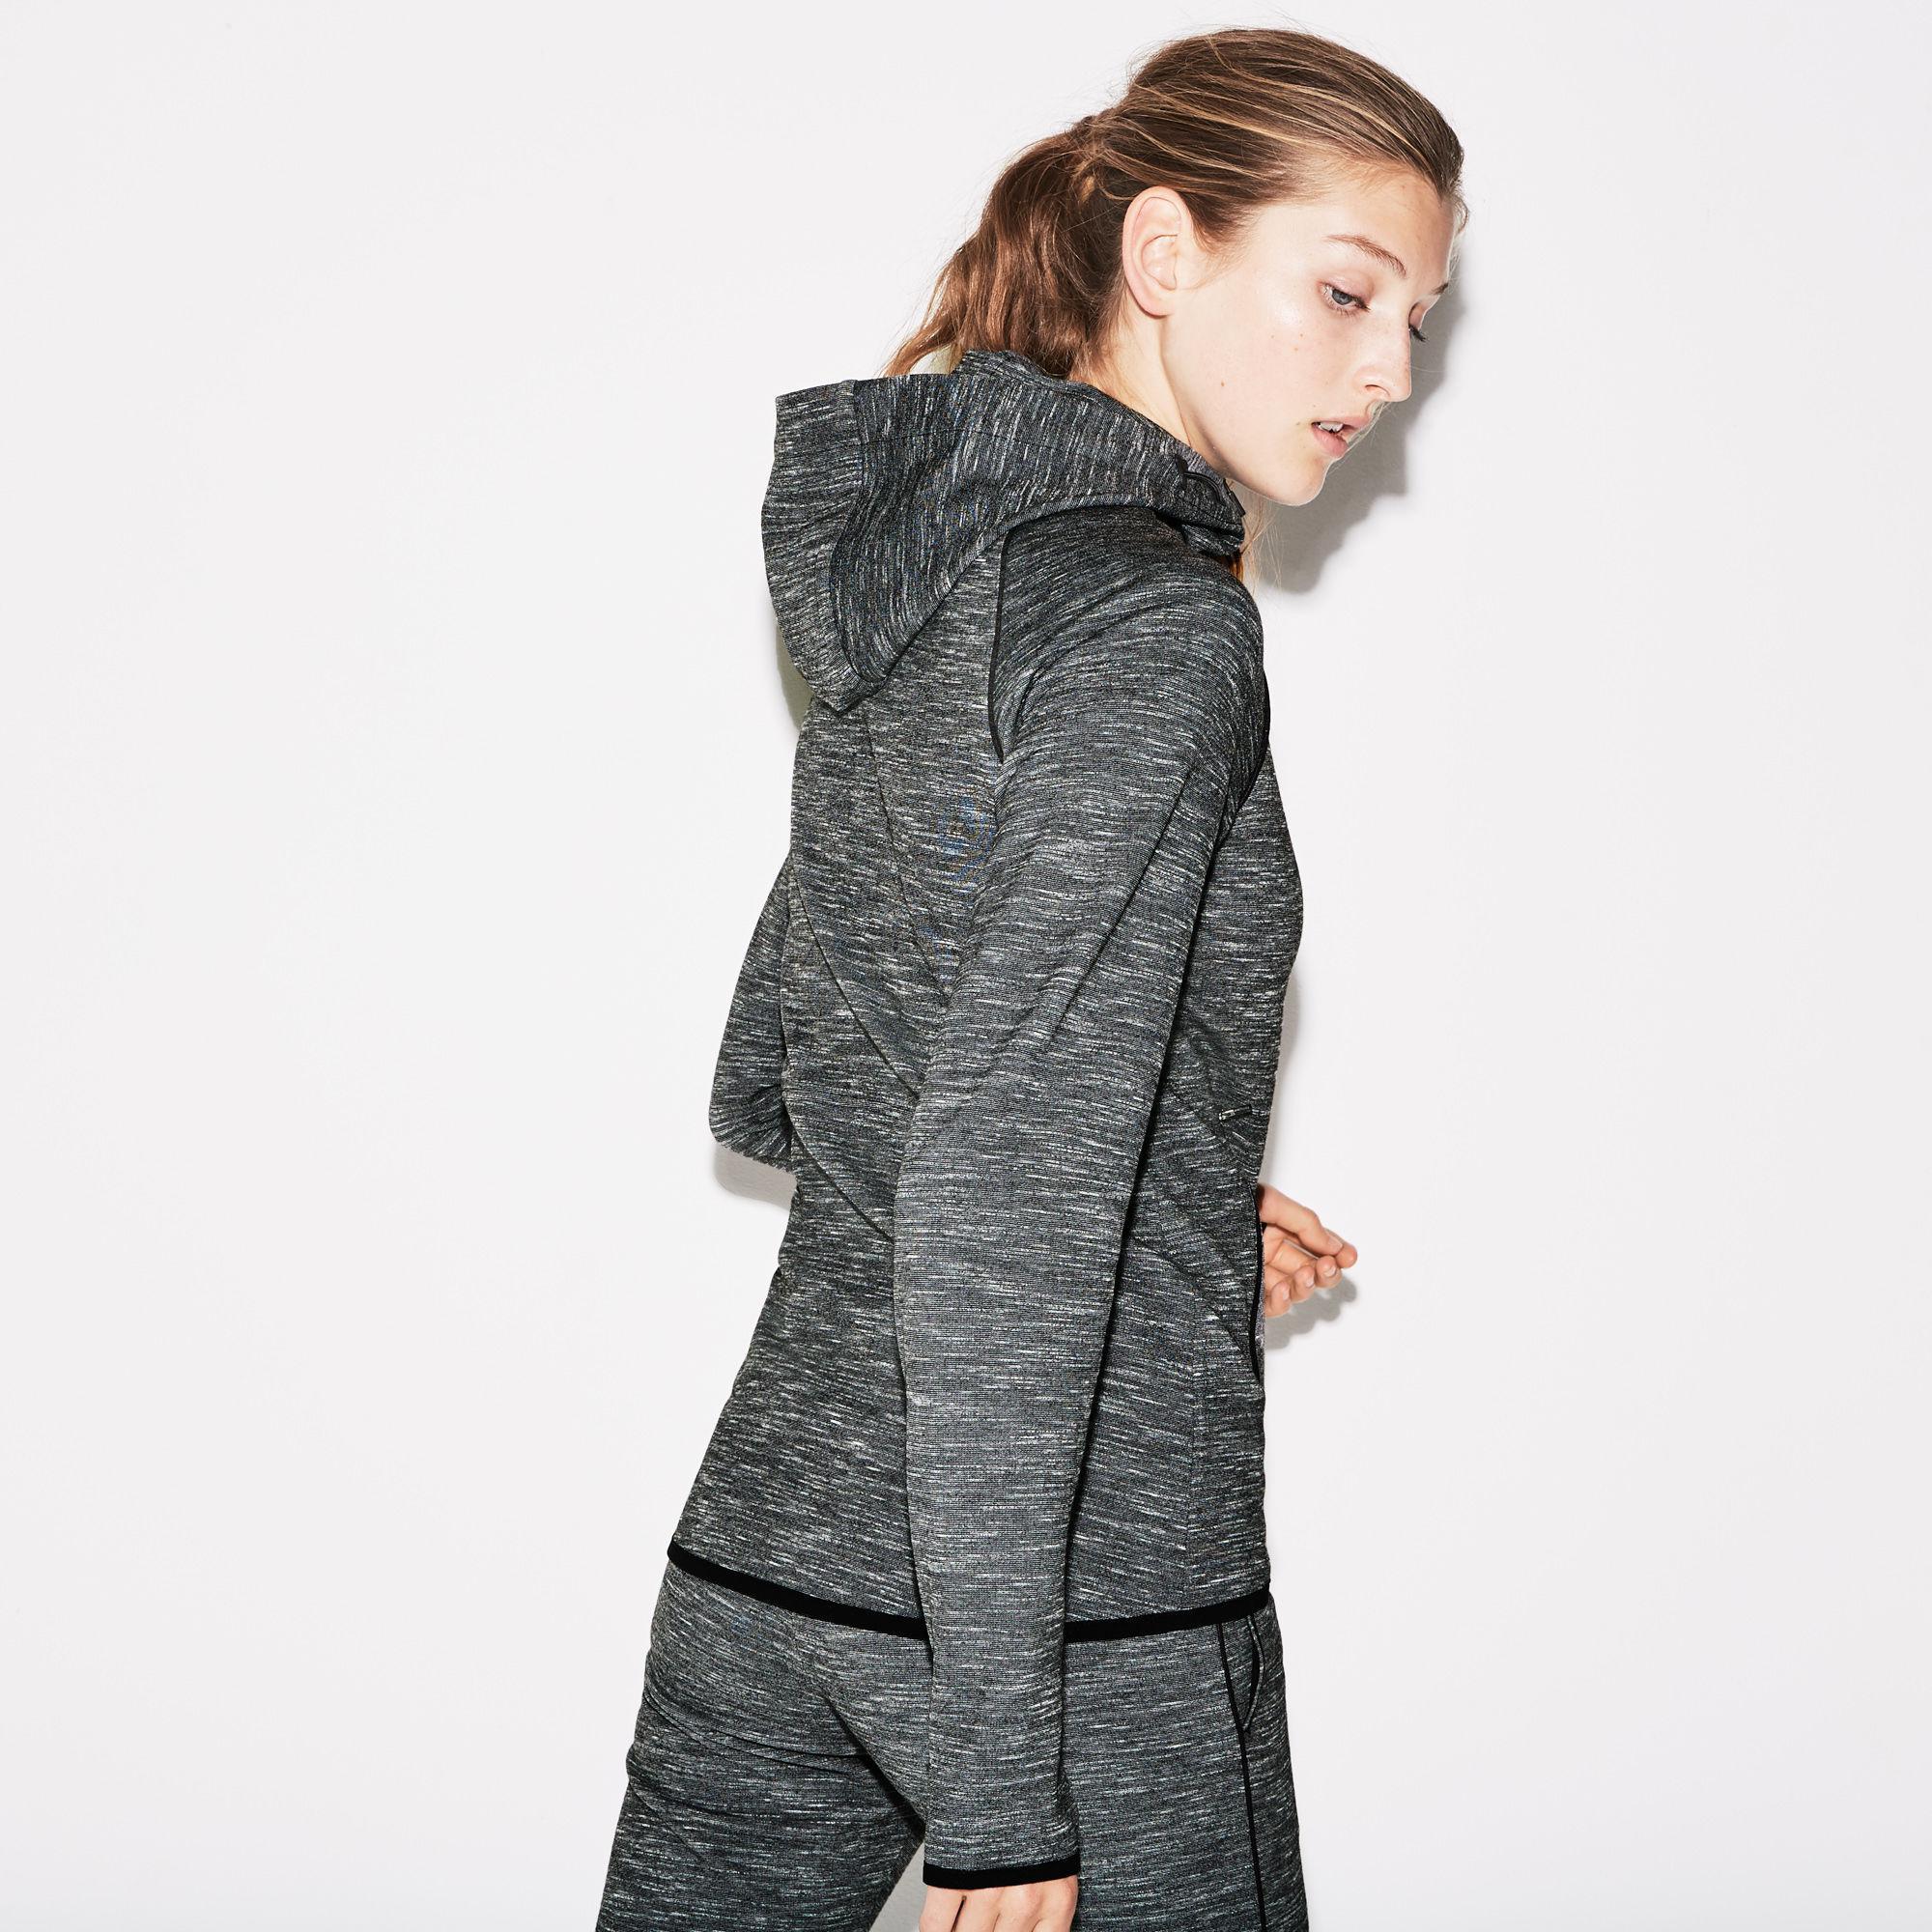 593a7aa504 Lyst - Lacoste Sport Hooded Zip Piped Tennis Sweatshirt in Black